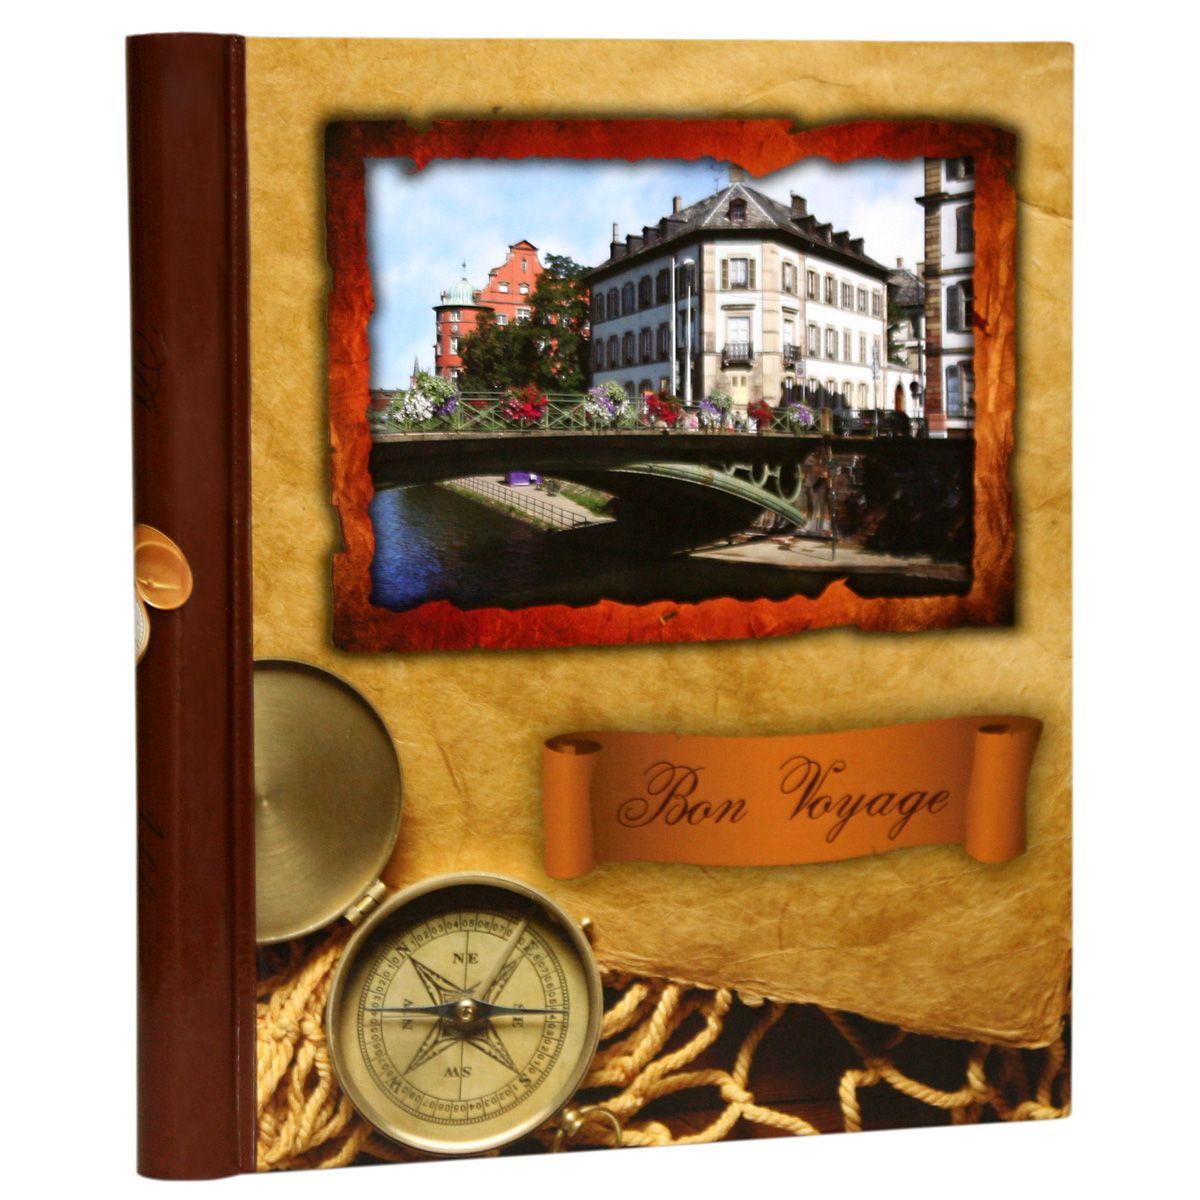 """Фото Фотоальбом Pioneer """"Bon Voyage"""", 10 магнитных листов, цвет: коричневый, 23 х 28 см. Купить  в РФ"""